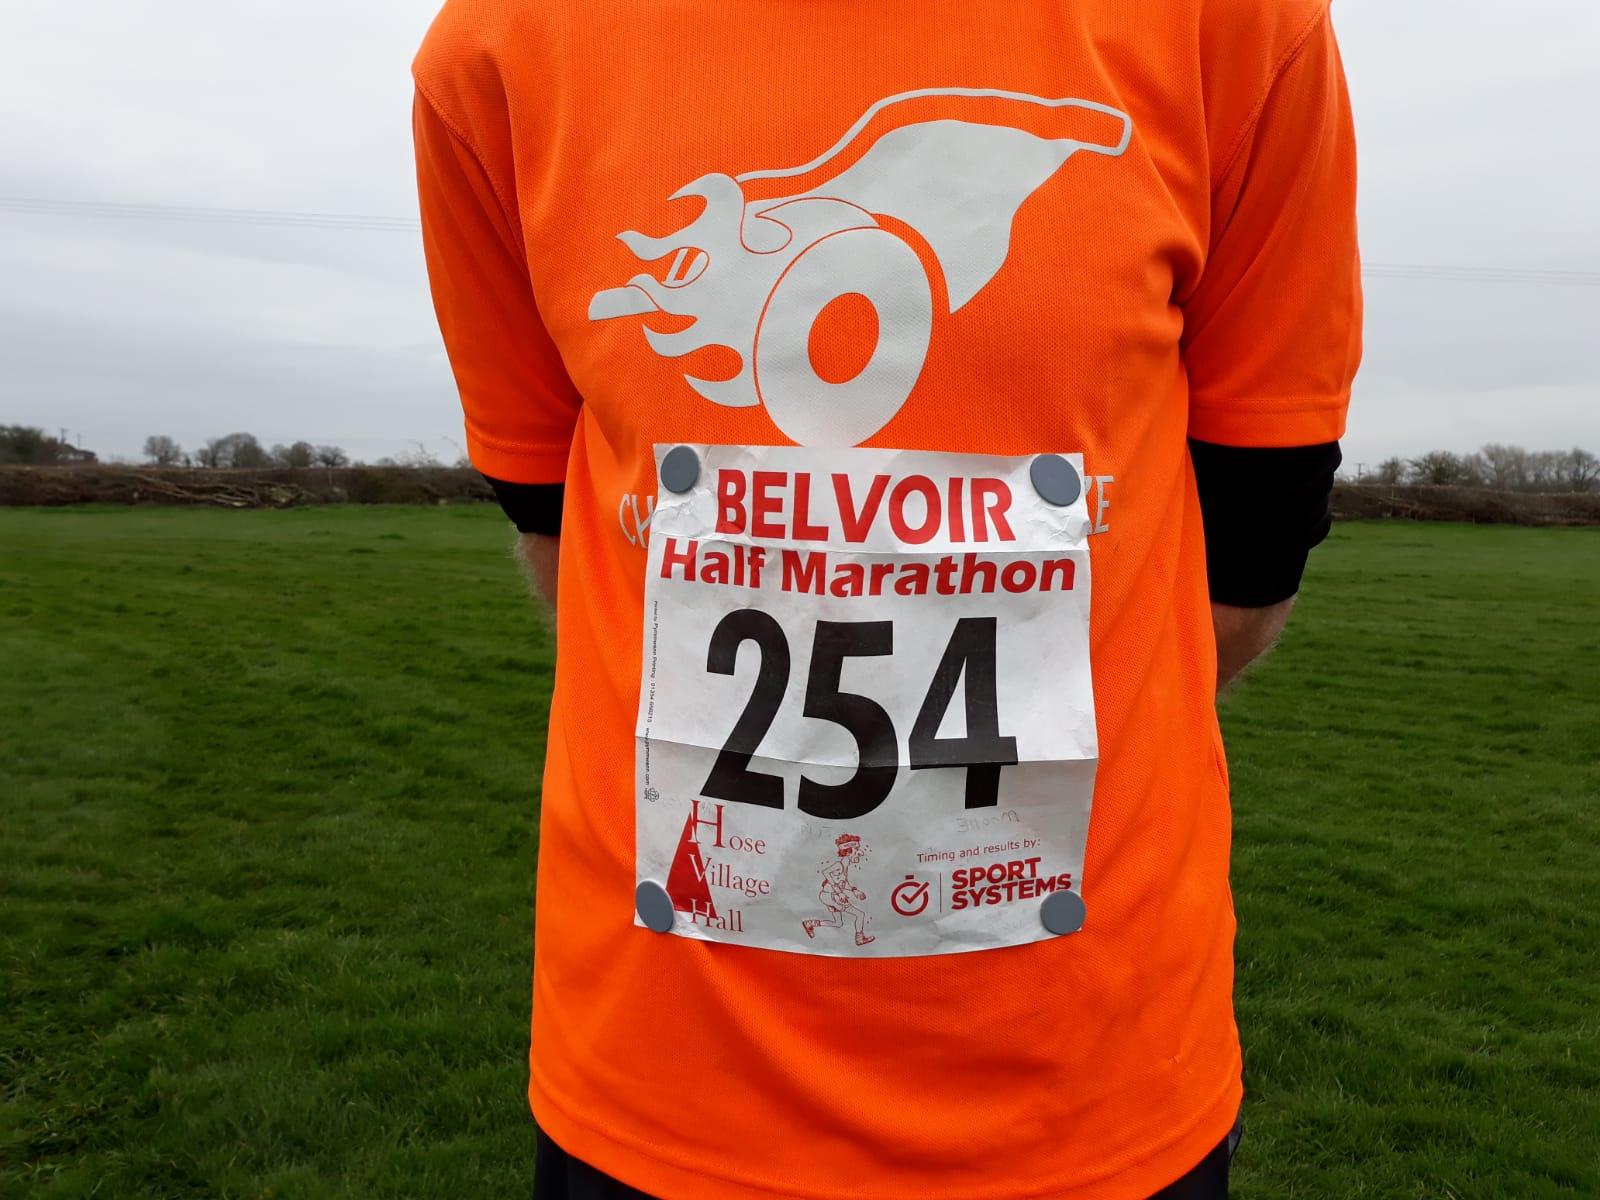 Belvoir Half Marathon 2018 – a flashback